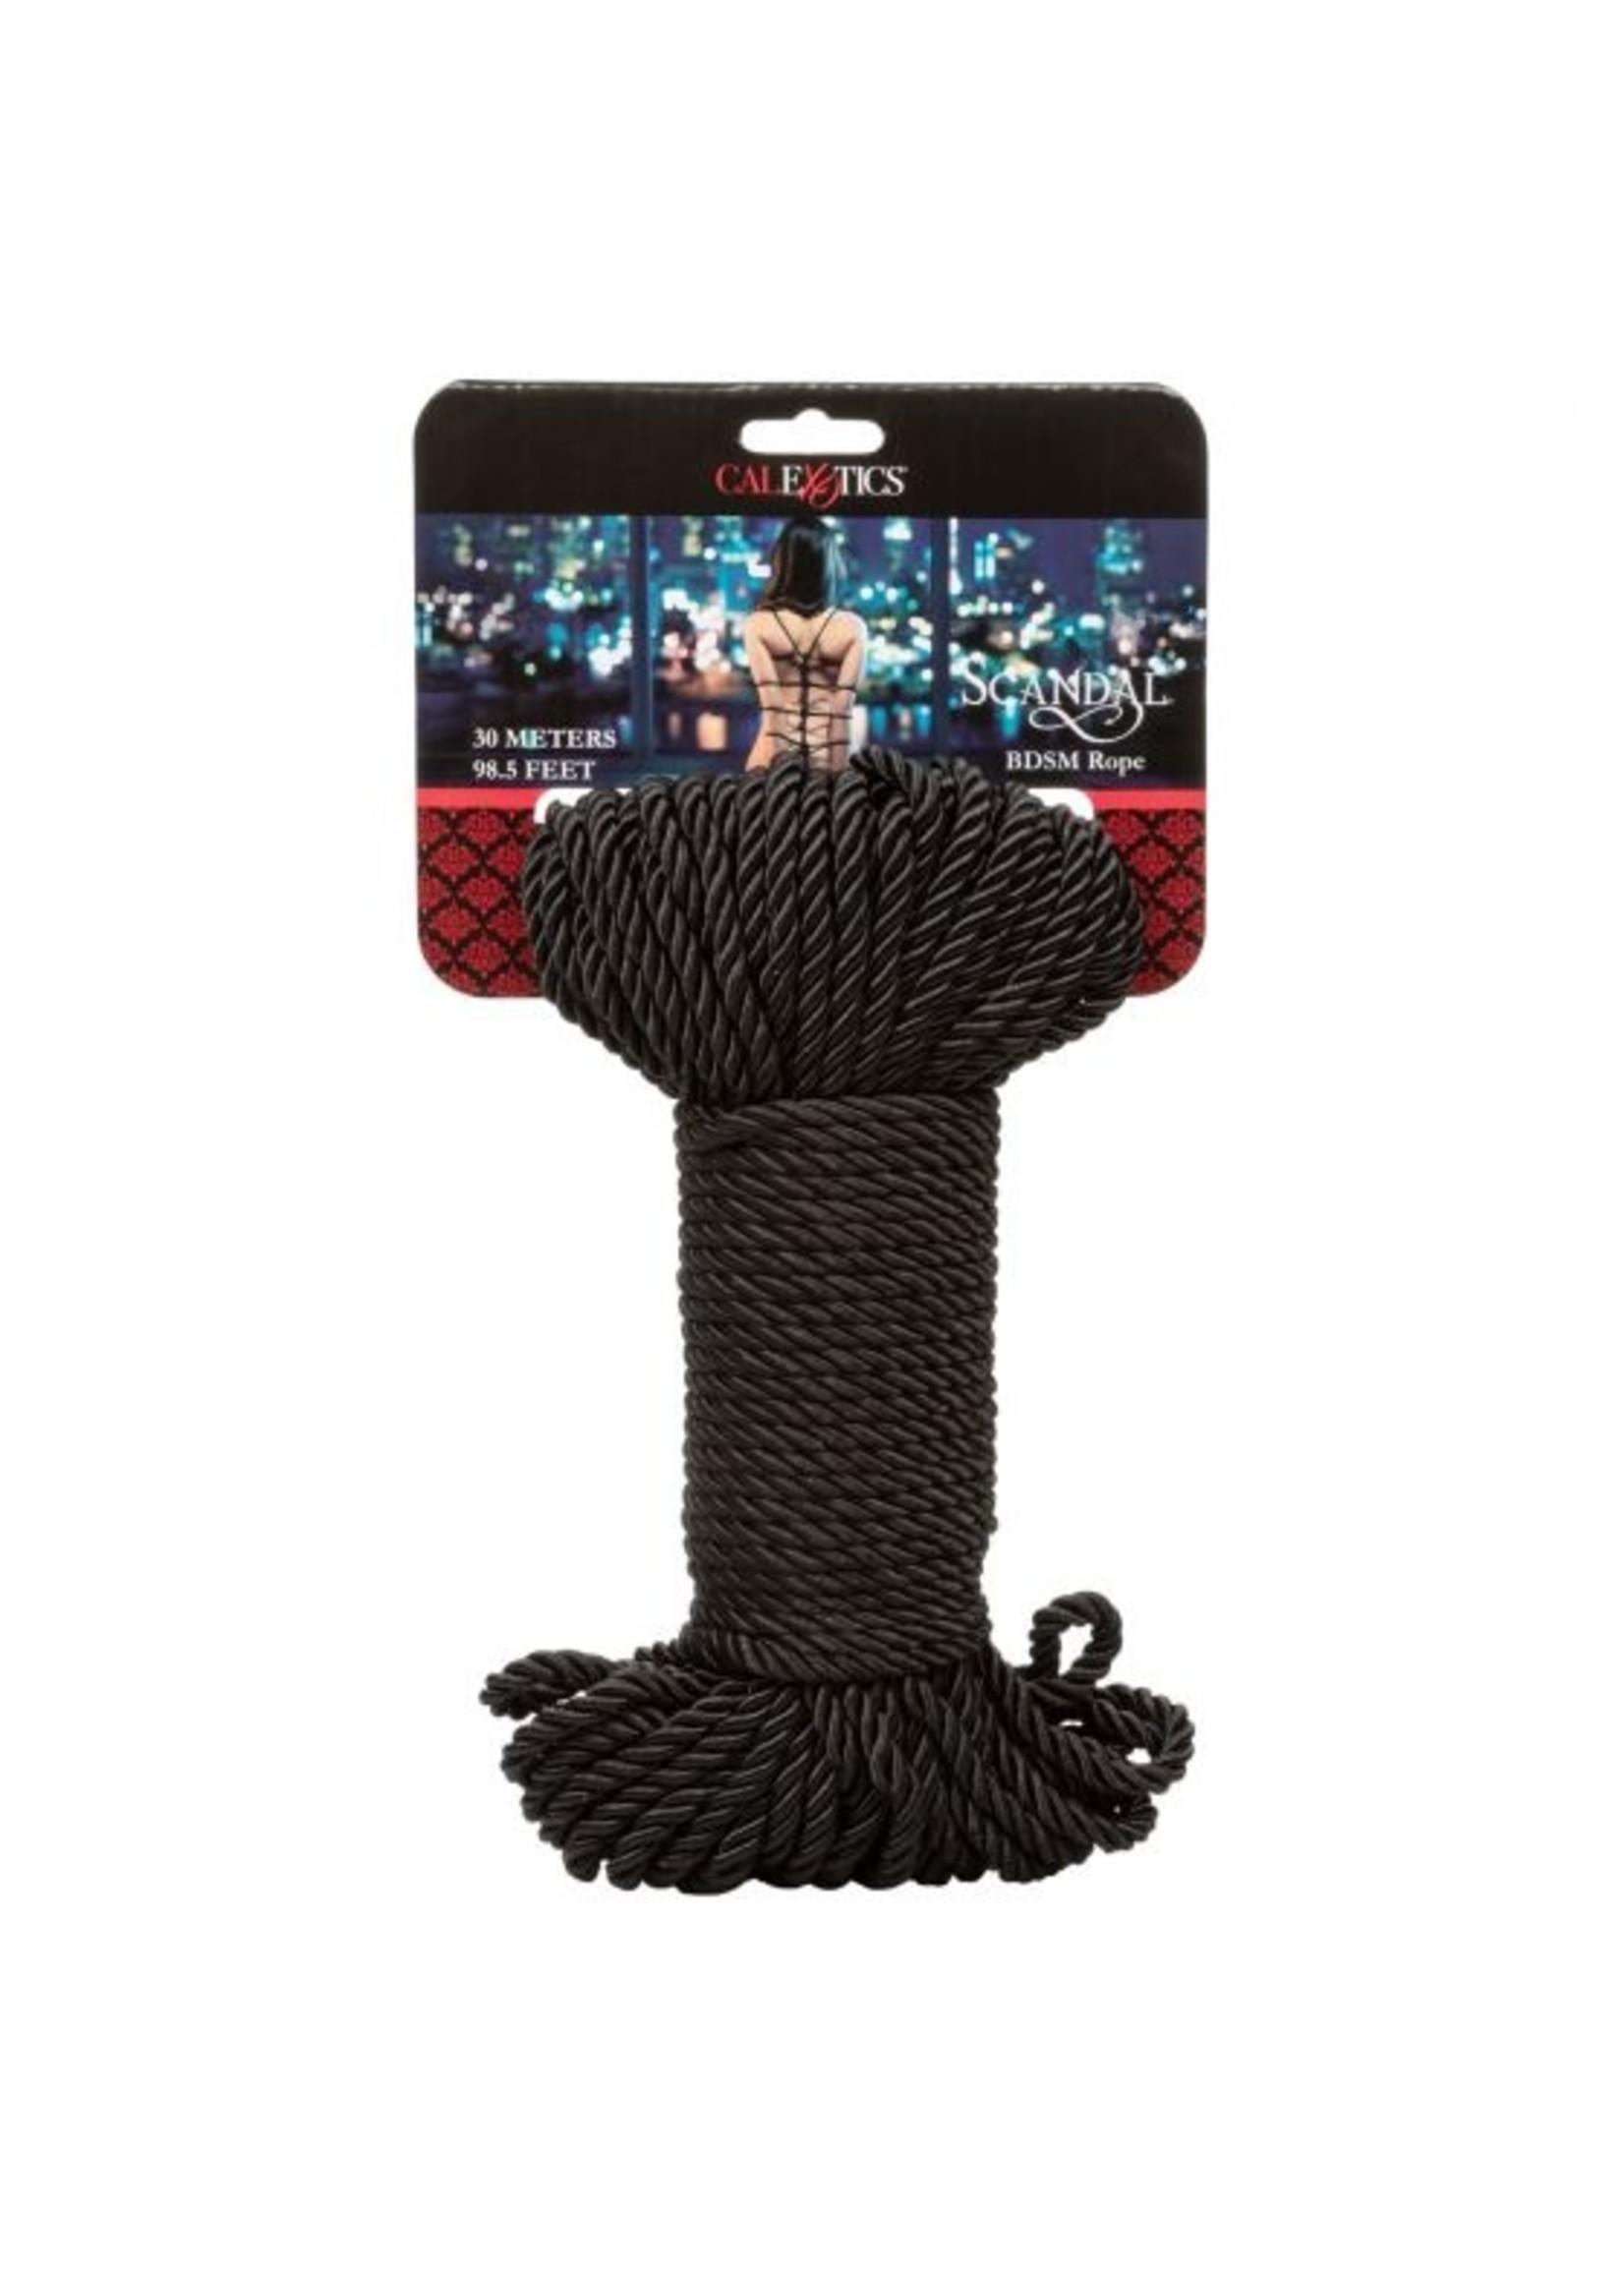 Scandal® BDSM Rope 98.5/30 m